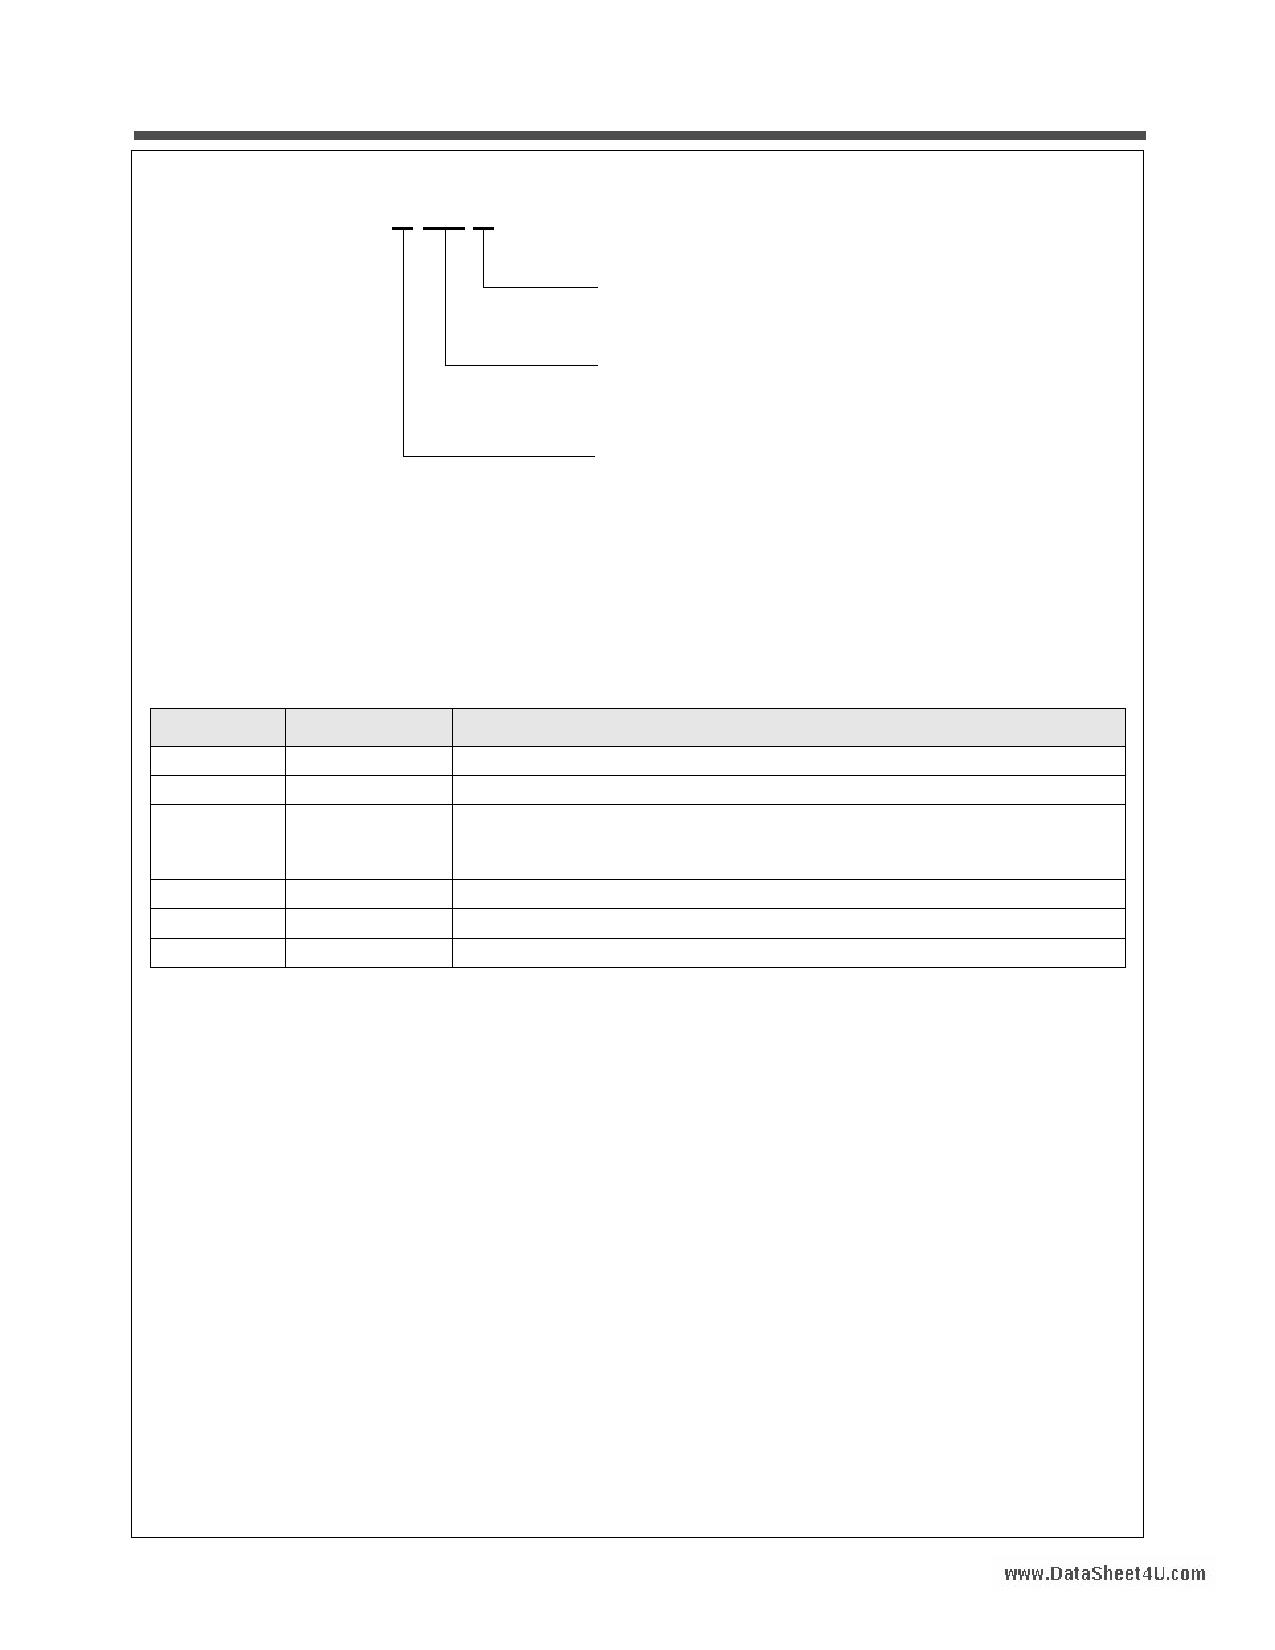 N01L1618N1A arduino